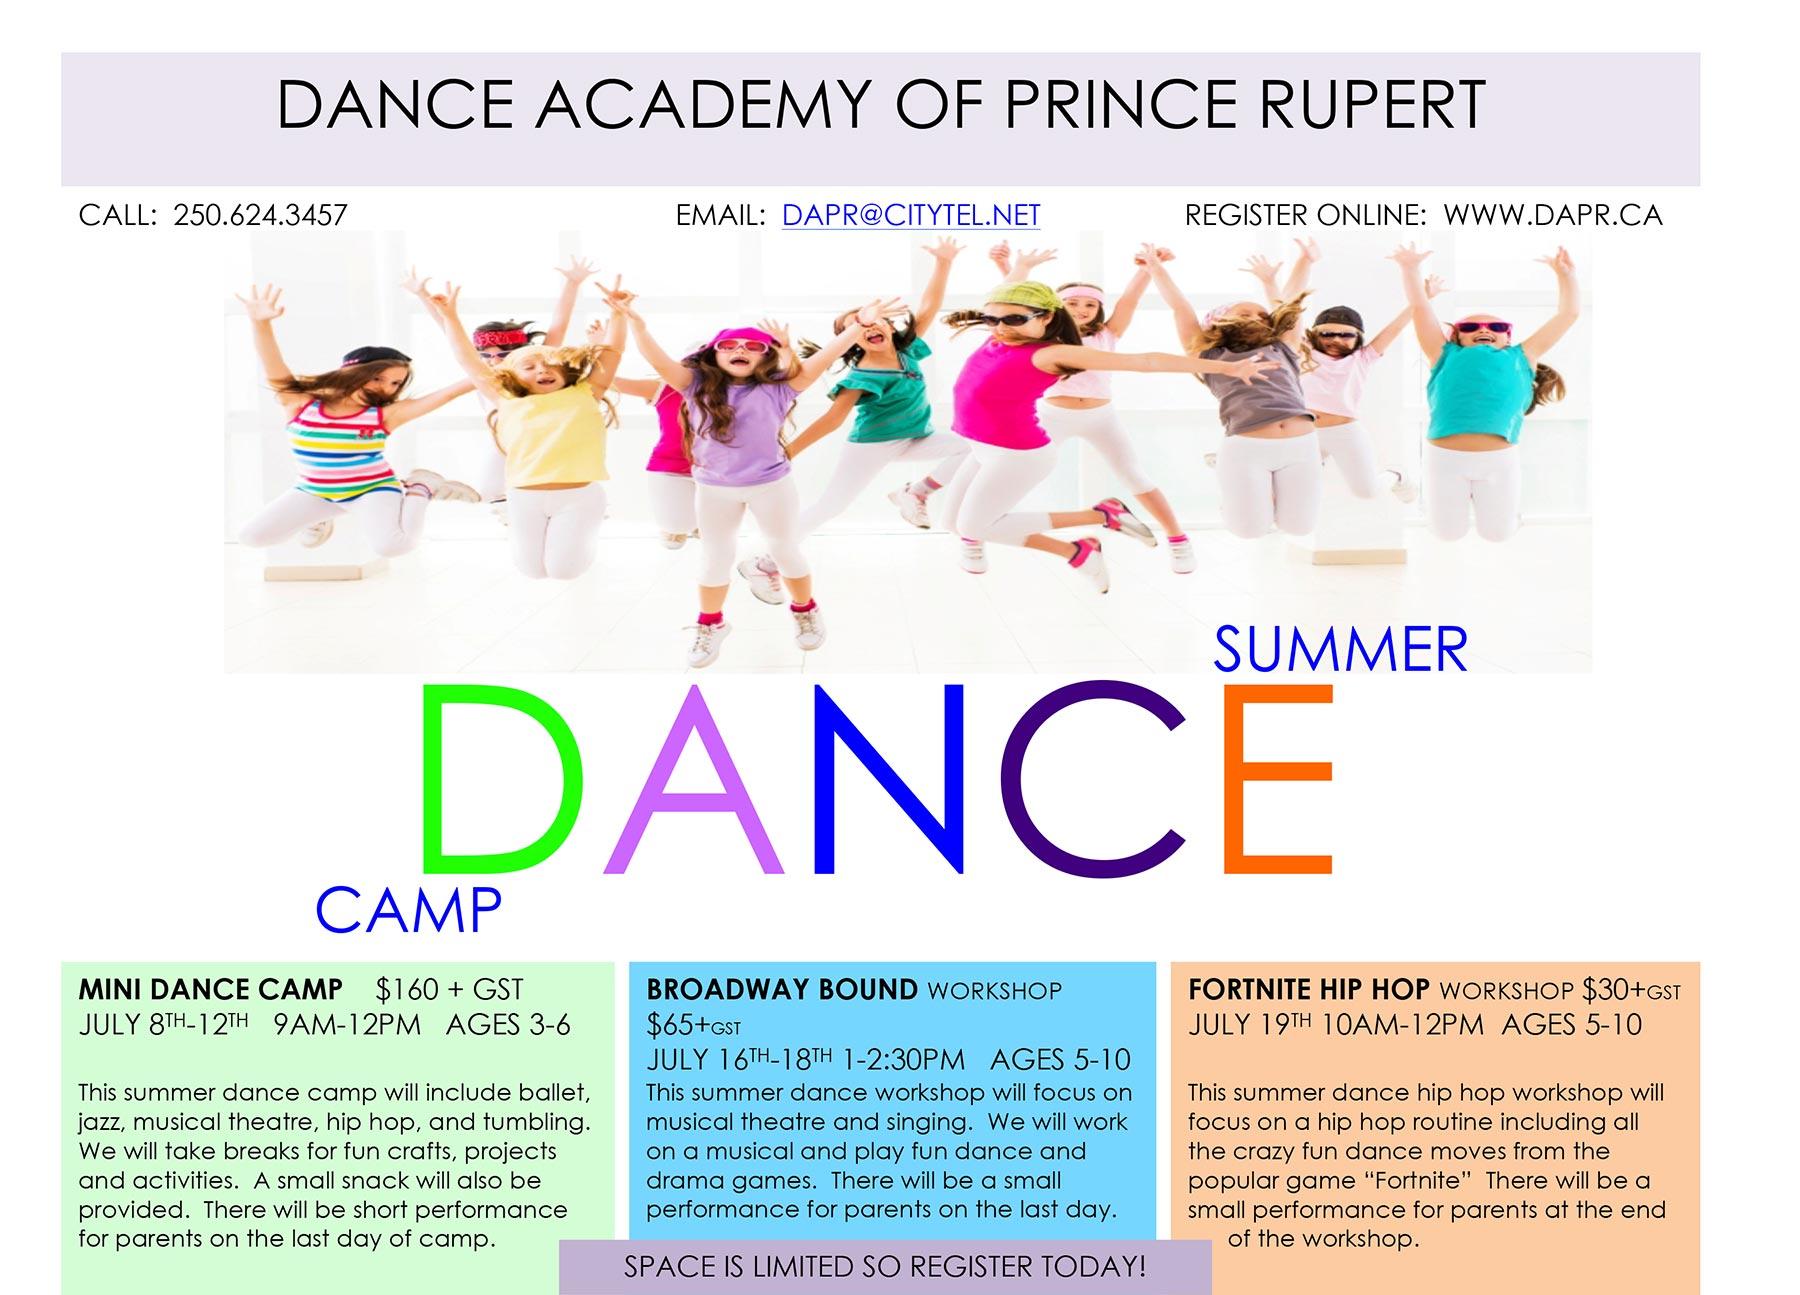 DAPR Summer Dance Camps in Prince Rupert